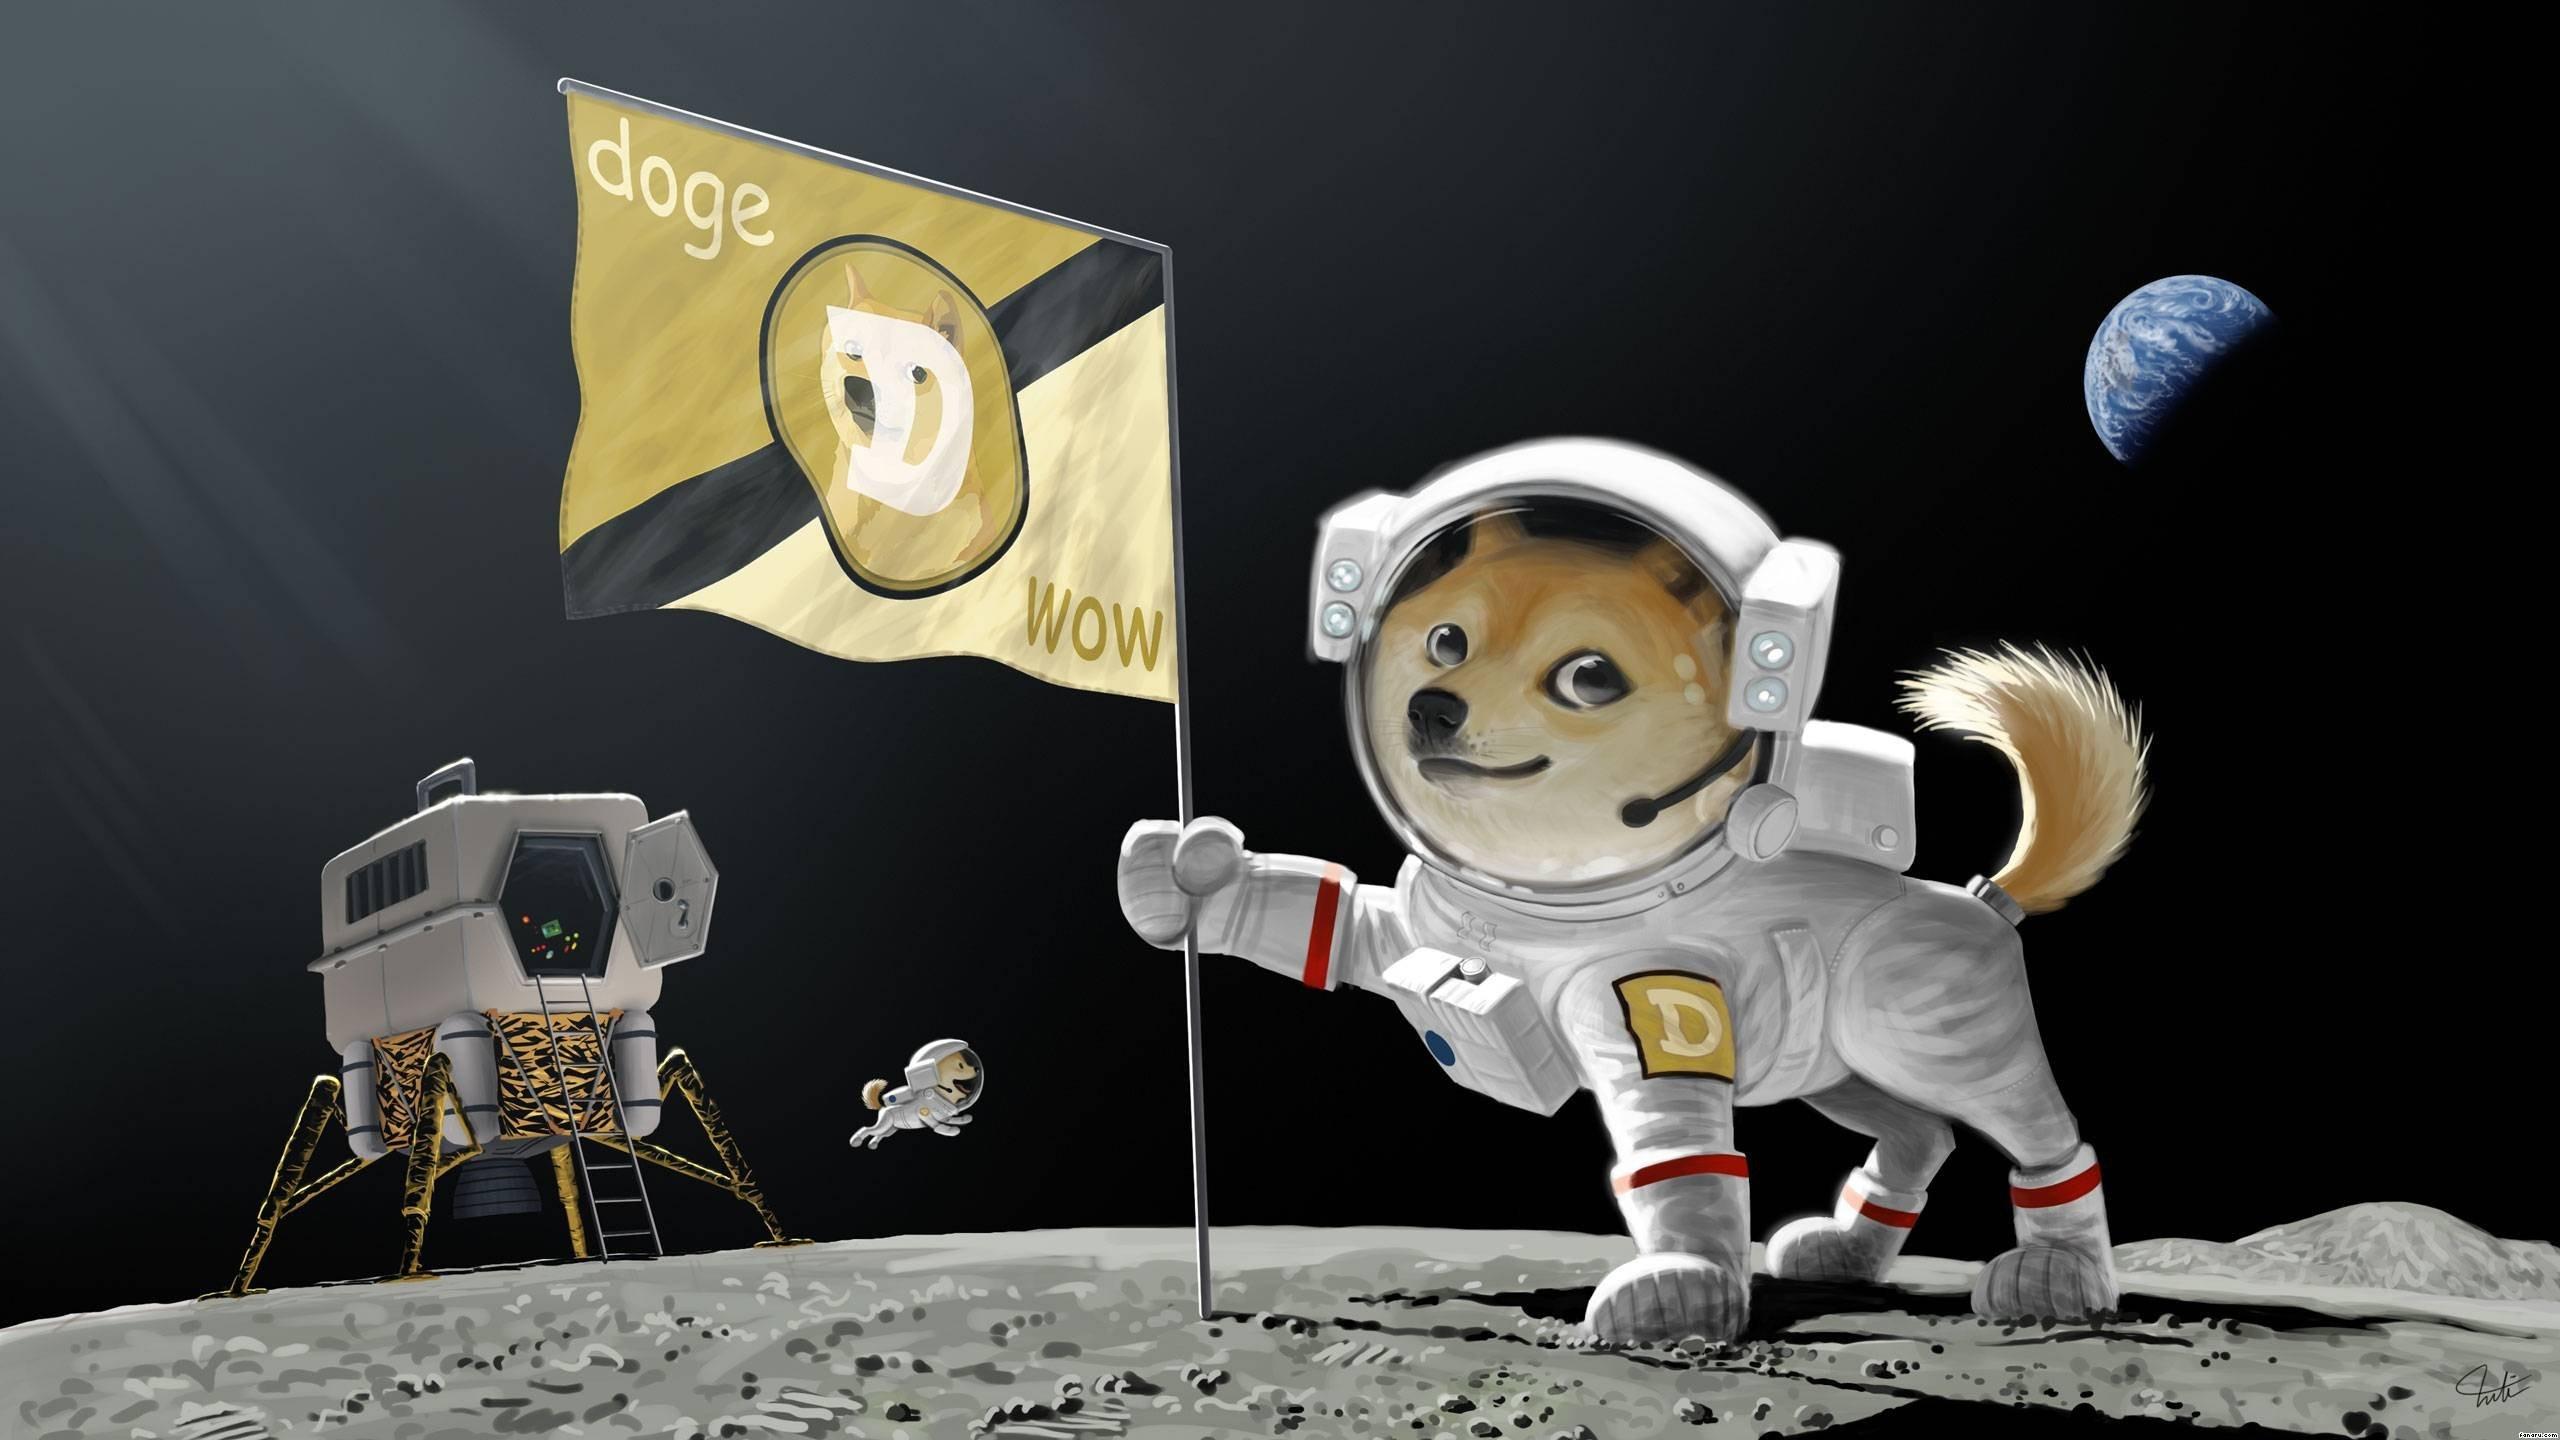 Moon Doge · dogecoin